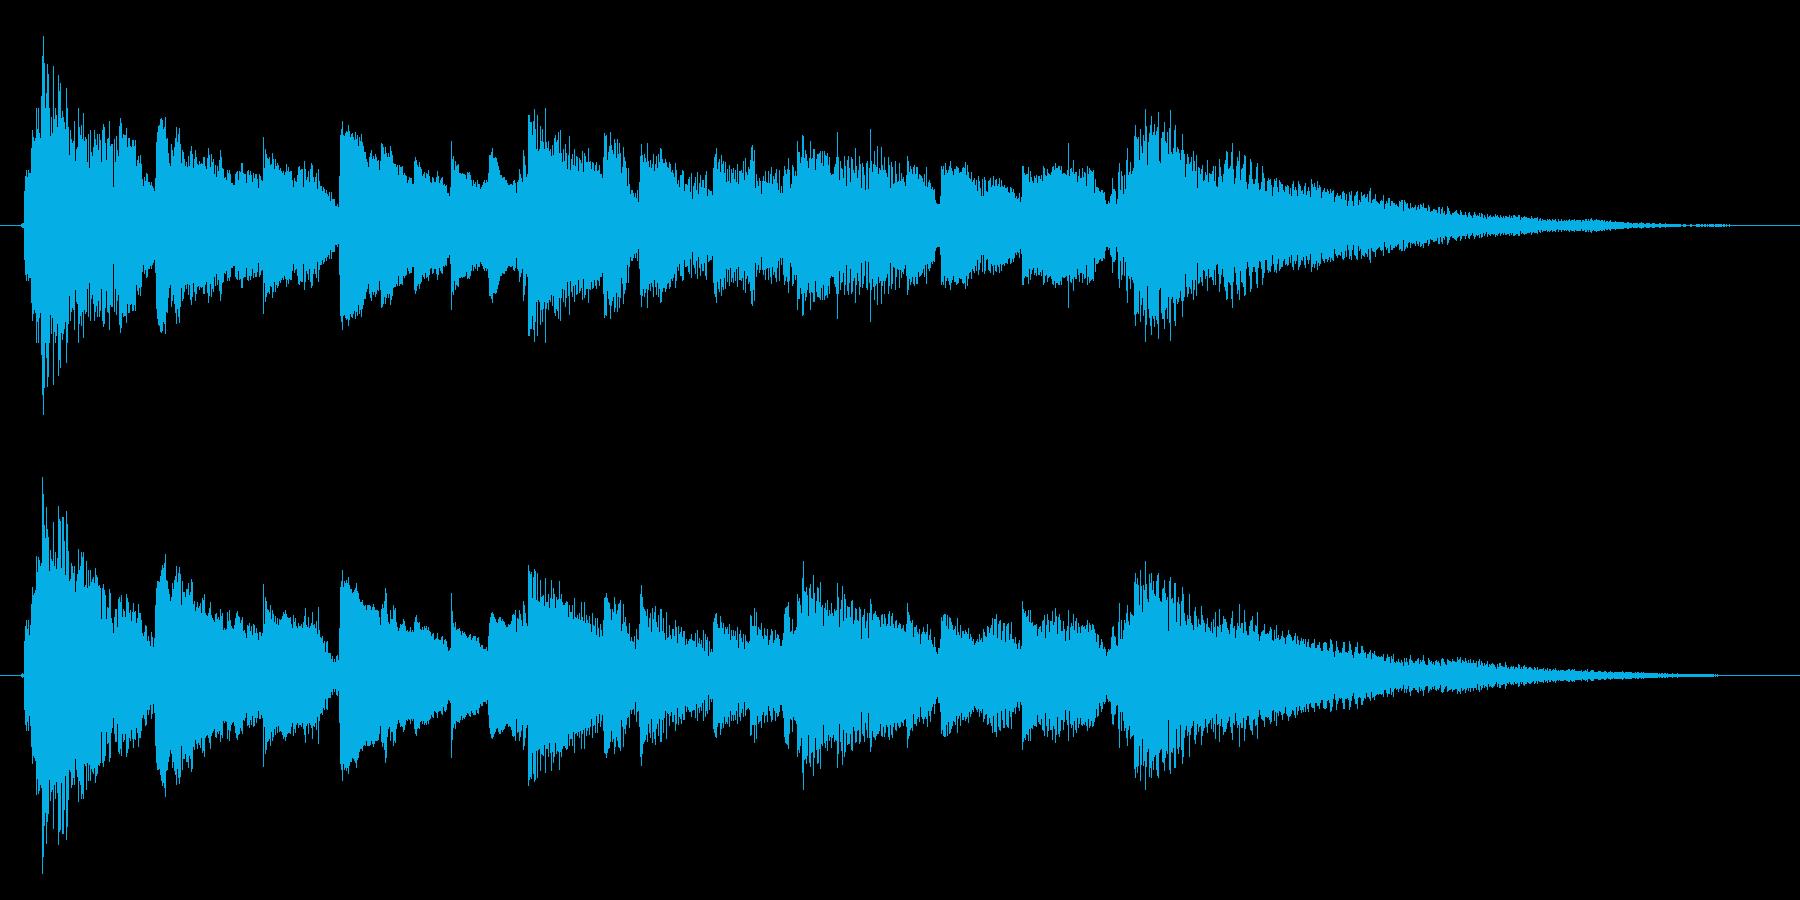 アコギで奏でた穏やかで優しいジングル1の再生済みの波形